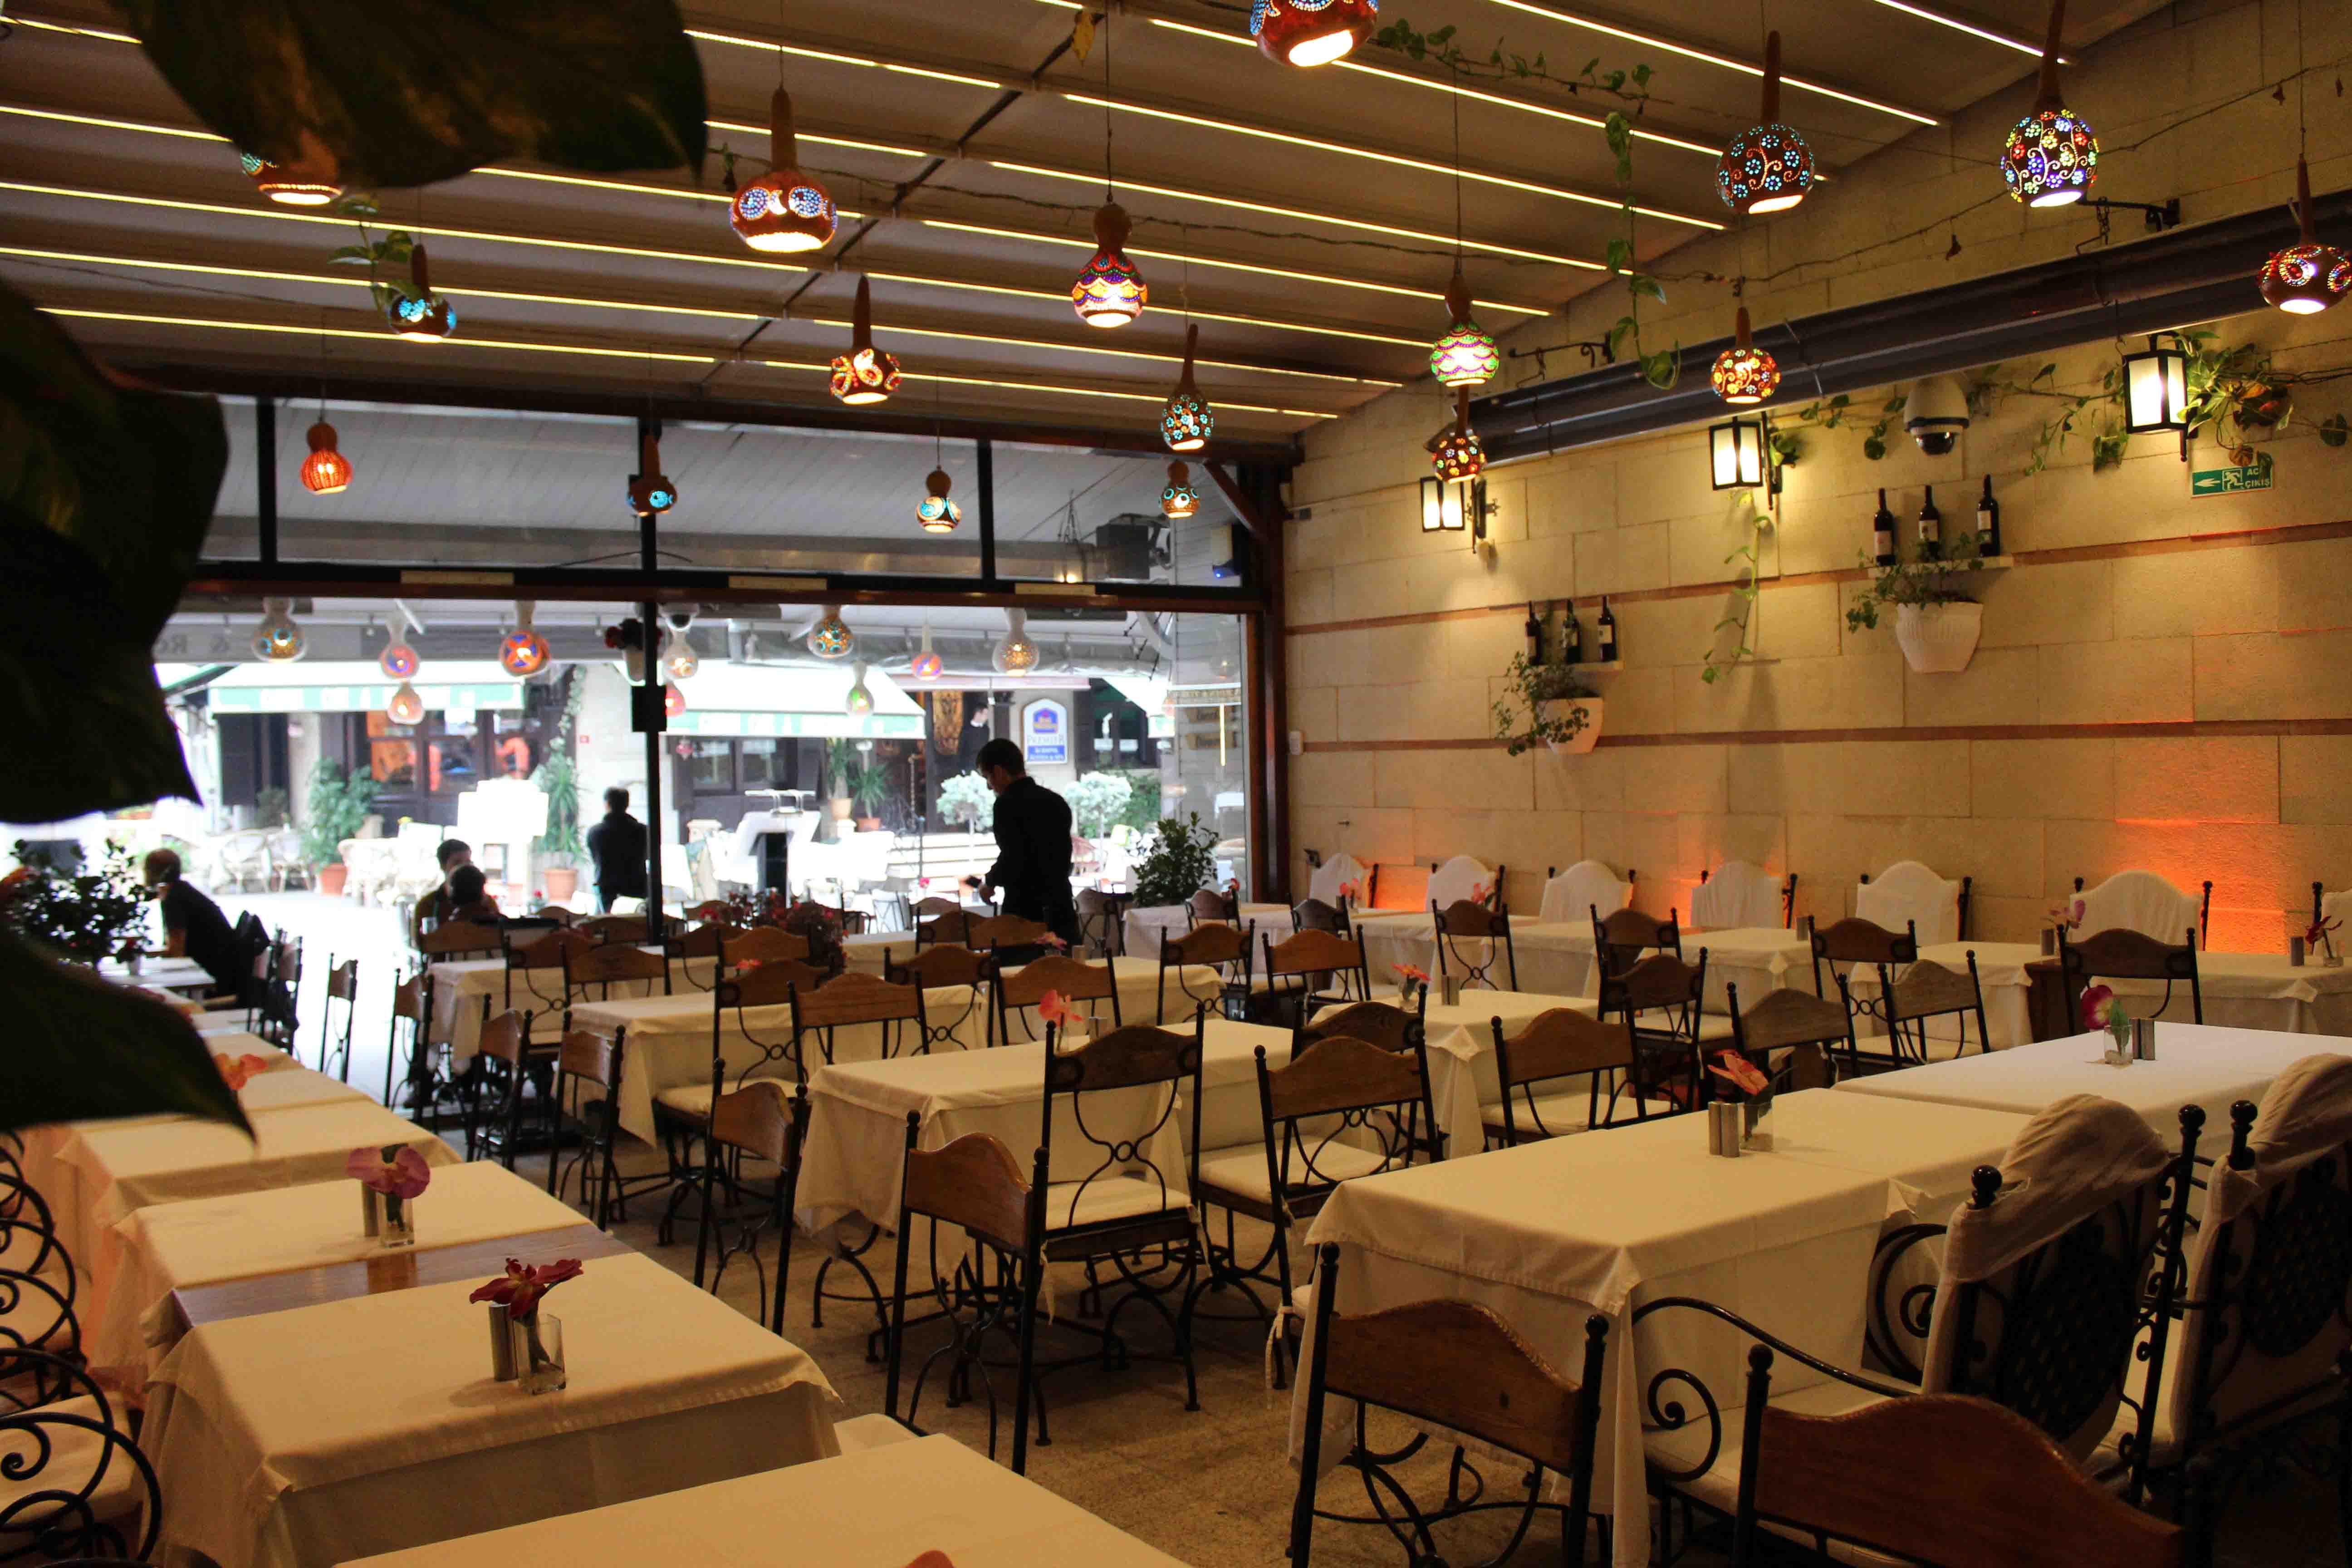 http://www.alburakathisma.com/images/galeri/orjinal/albura-Garden-98.jpg